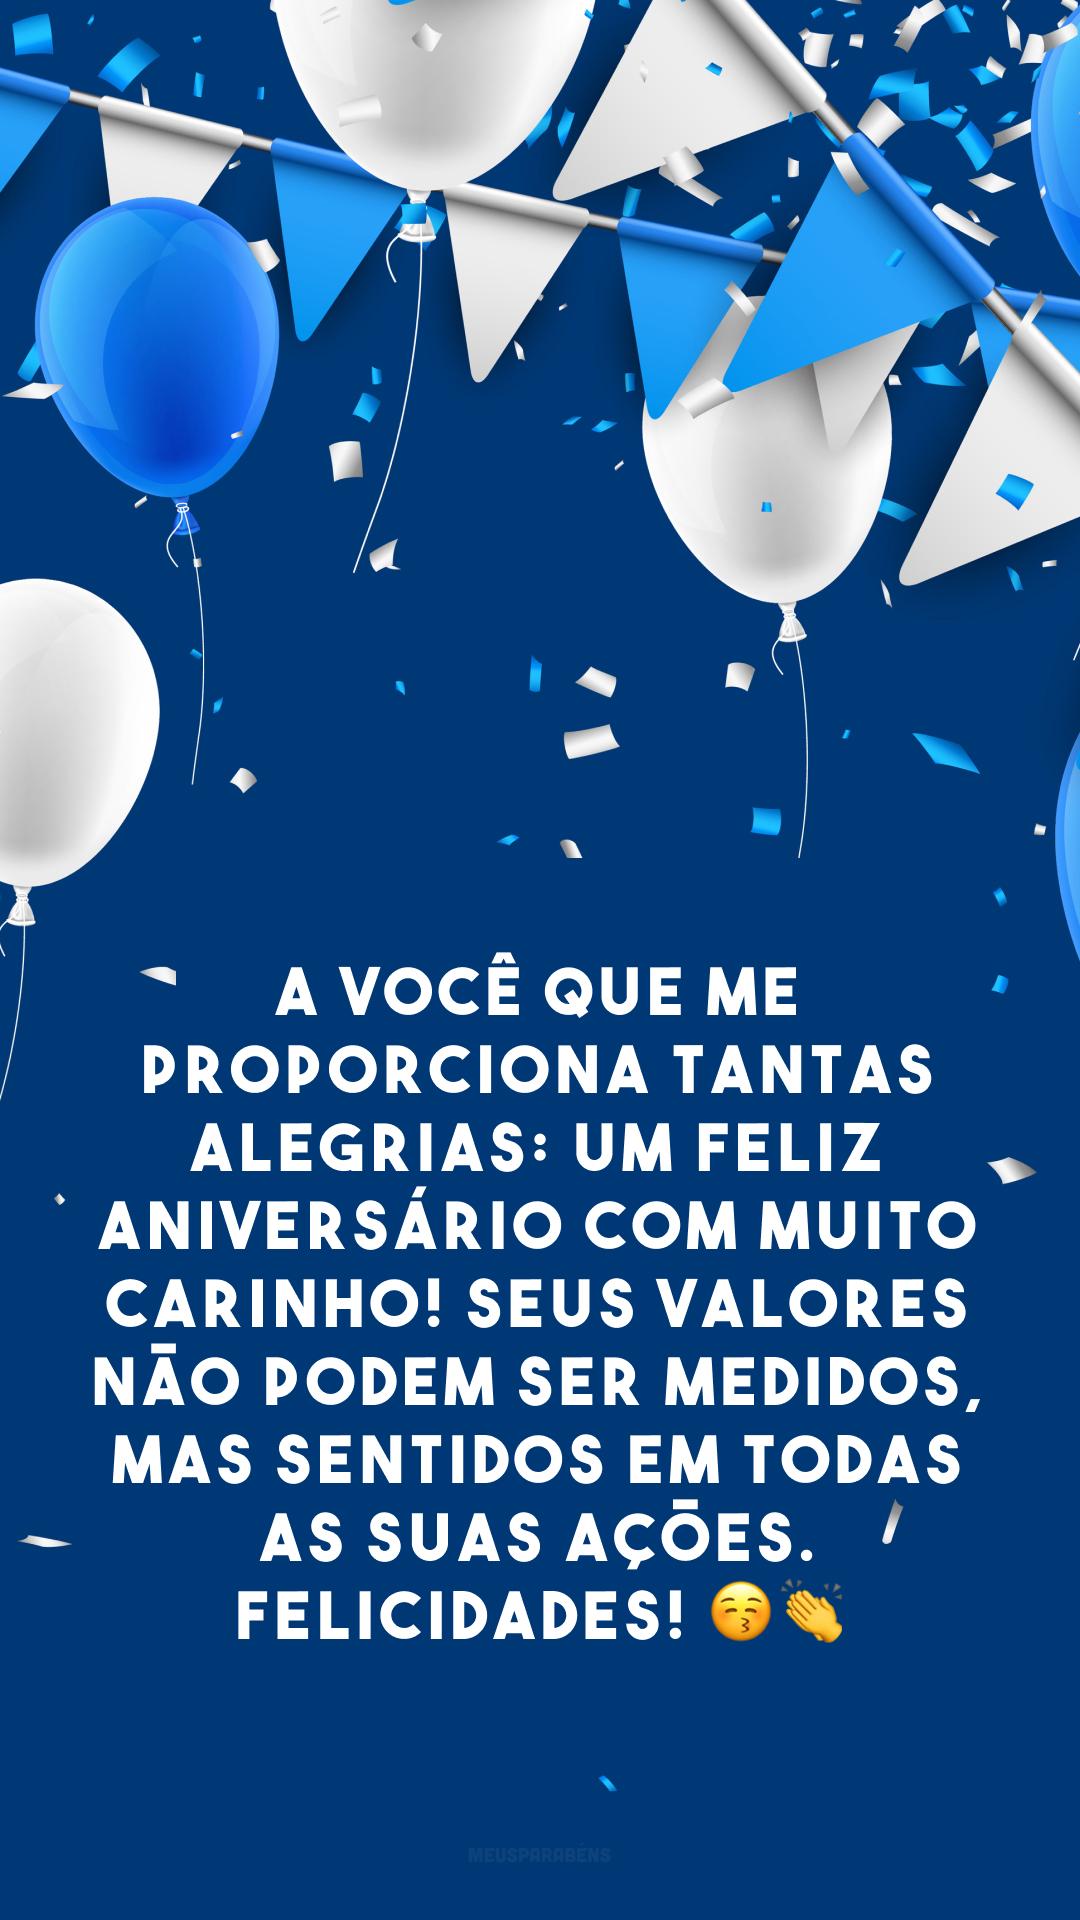 A você que me proporciona tantas alegrias: um feliz aniversário com muito carinho! Seus valores não podem ser medidos, mas sentidos em todas as suas ações. Felicidades! 😚 👏